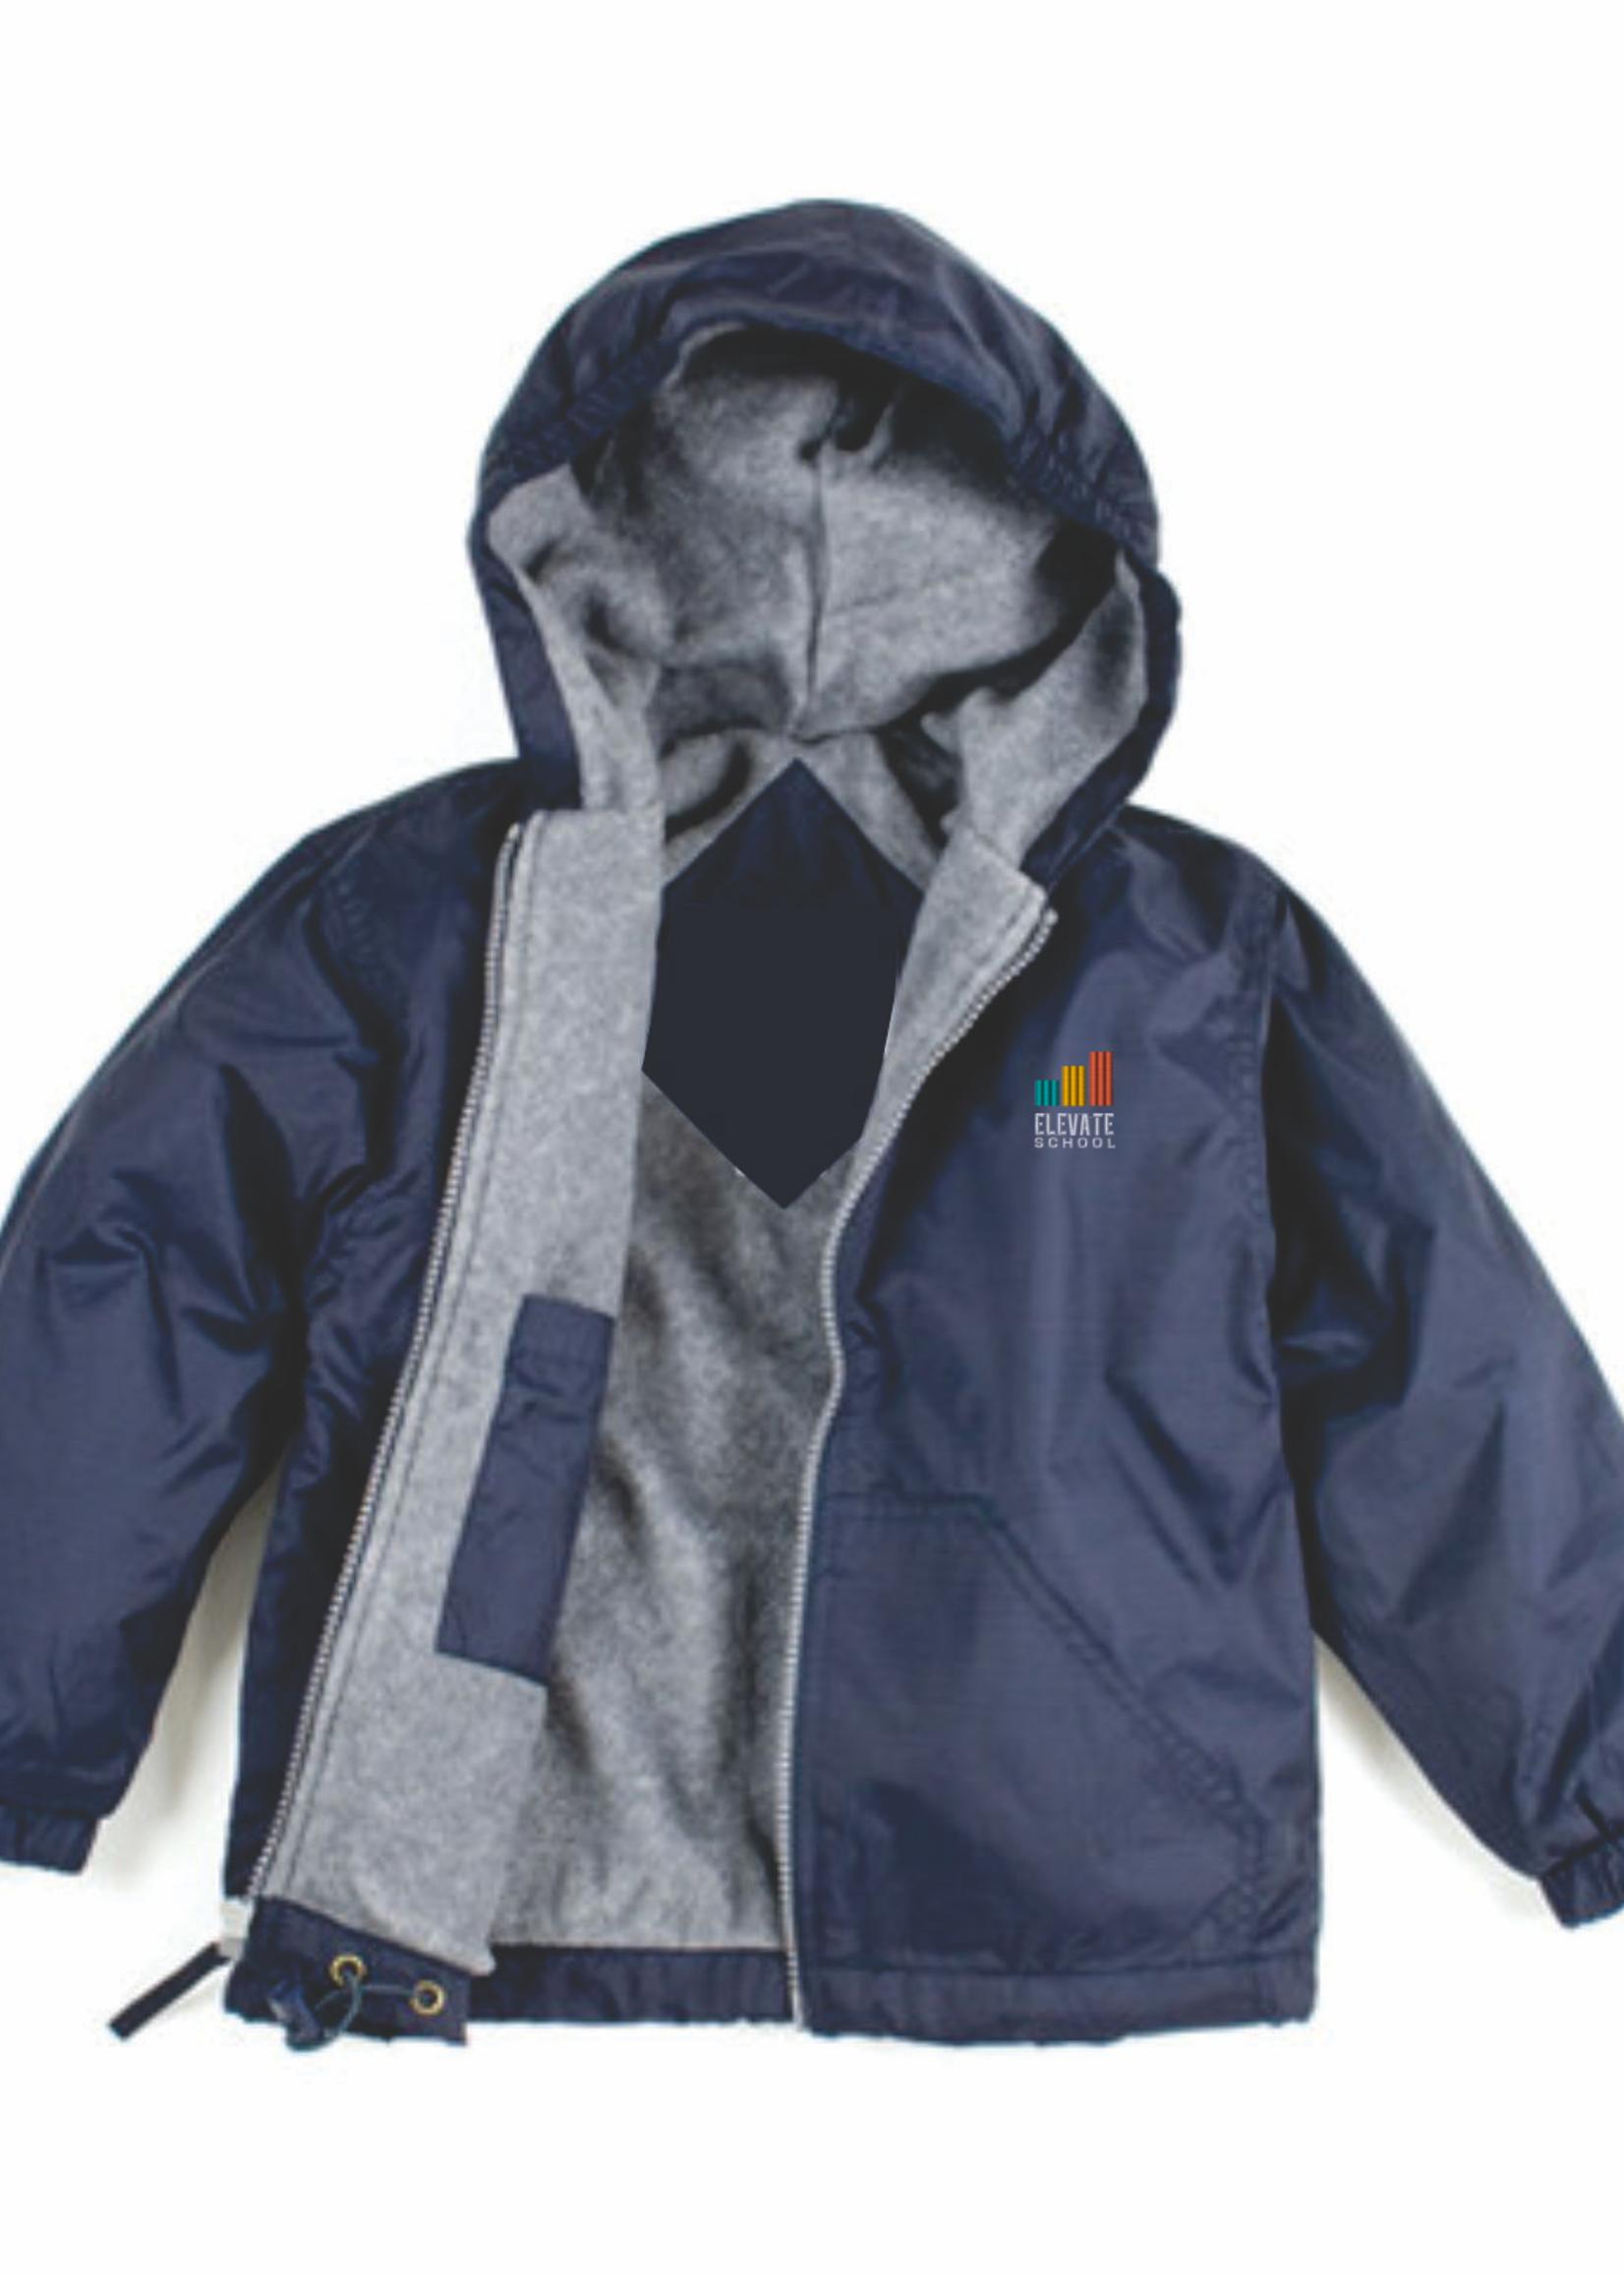 TUS Elevate Navy Windbreaker Hooded Jacket